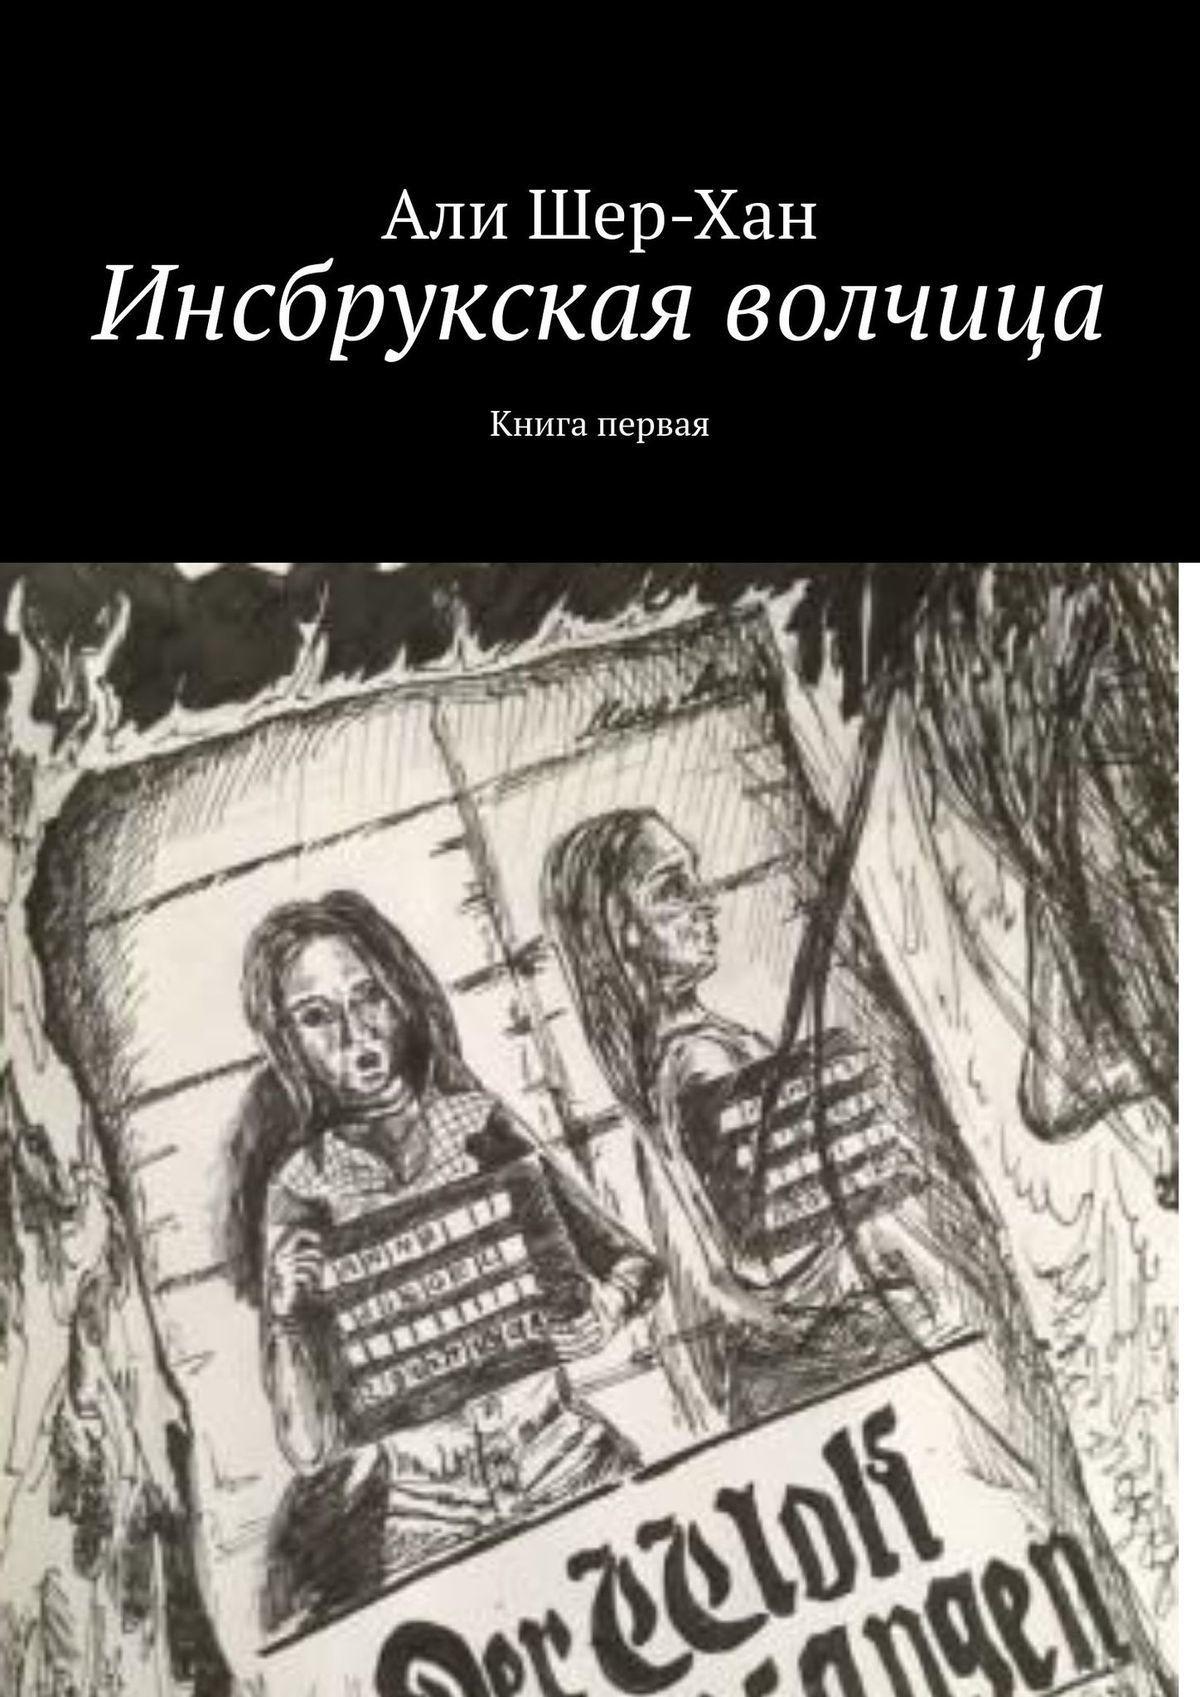 Али Шер-Хан, А. Слюсарев - Инсбрукская волчица. Книга первая